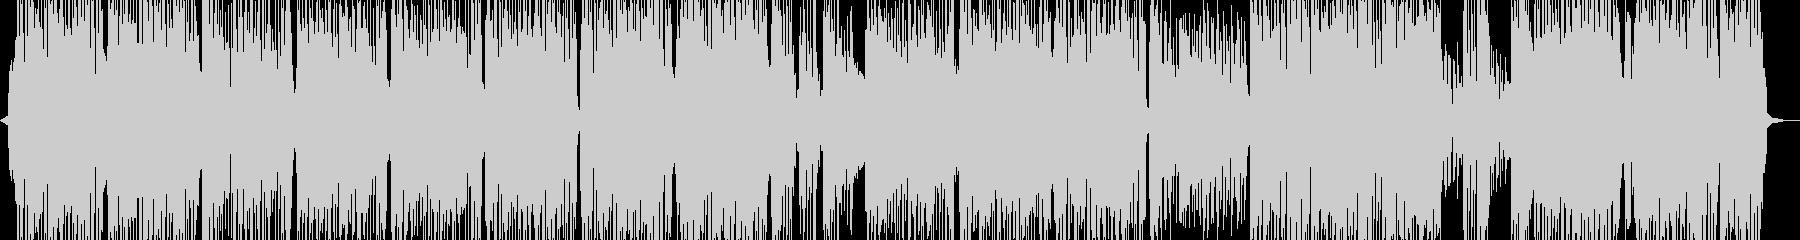 弾けるカラフルポップな映像や演出に Cの未再生の波形